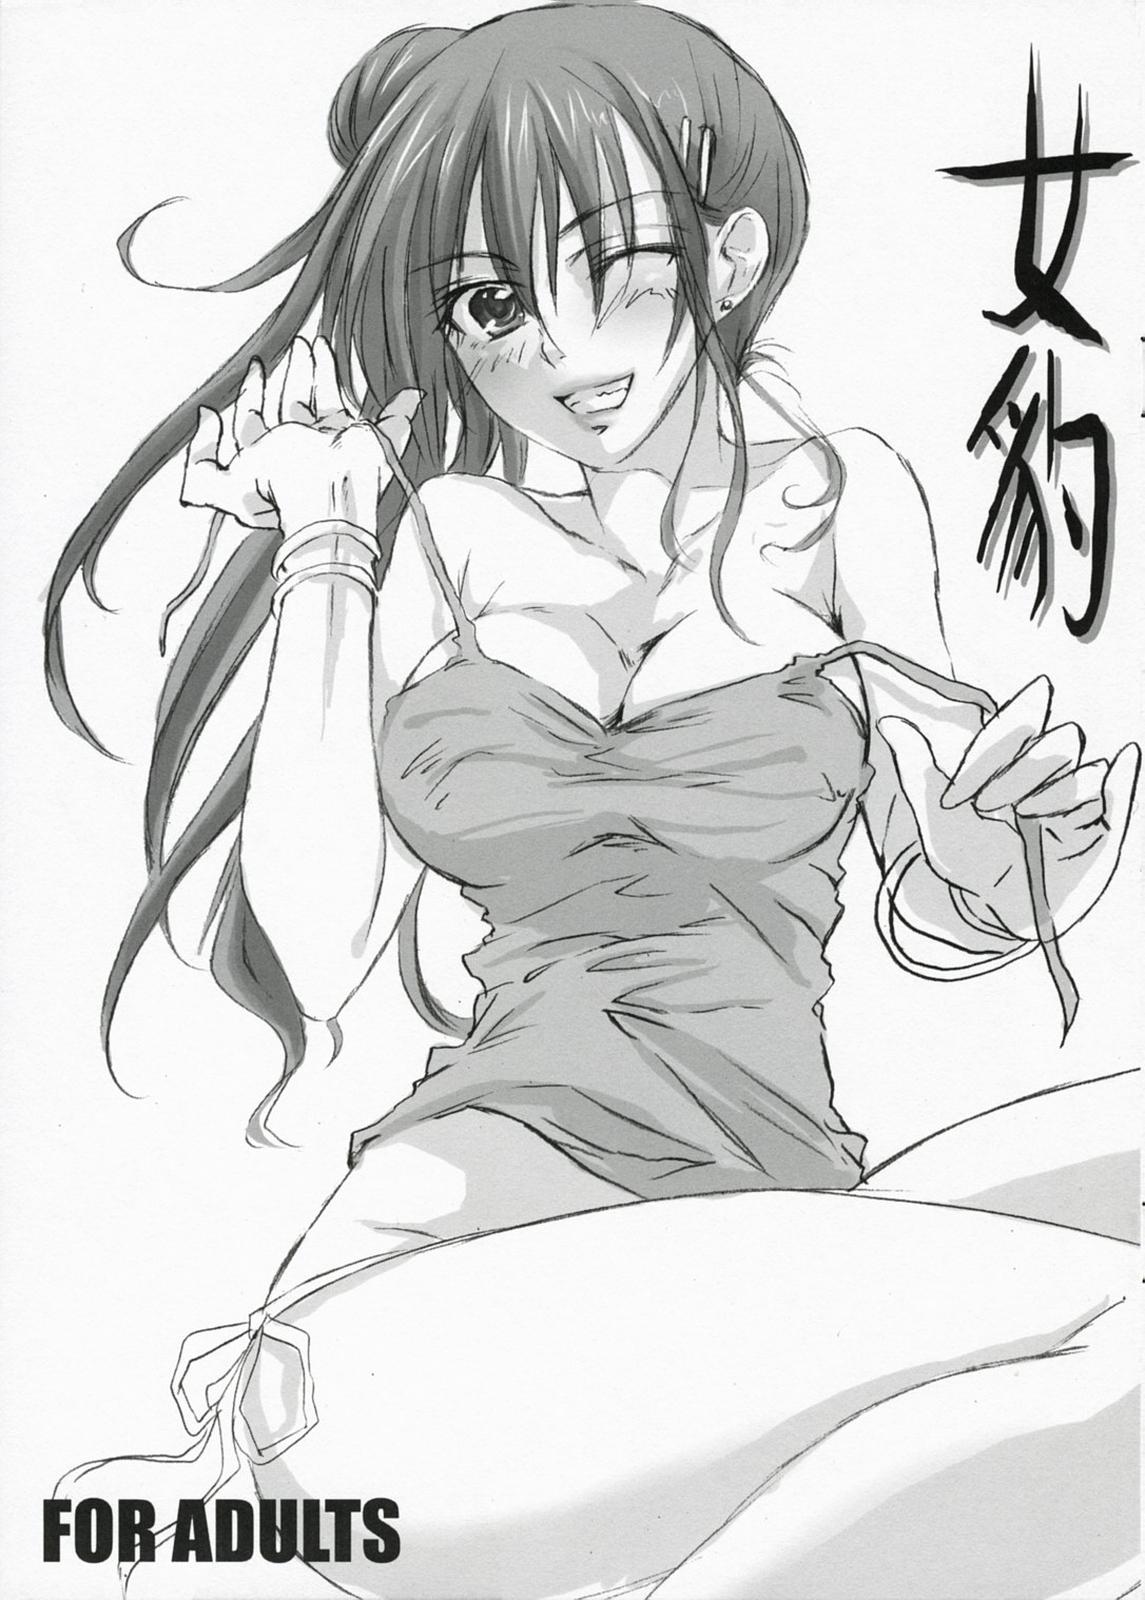 【エロ漫画・エロ同人】酔っ払った巨乳彼女とイチャイチャセックスで、騎乗位で責められてザーメン発射!!